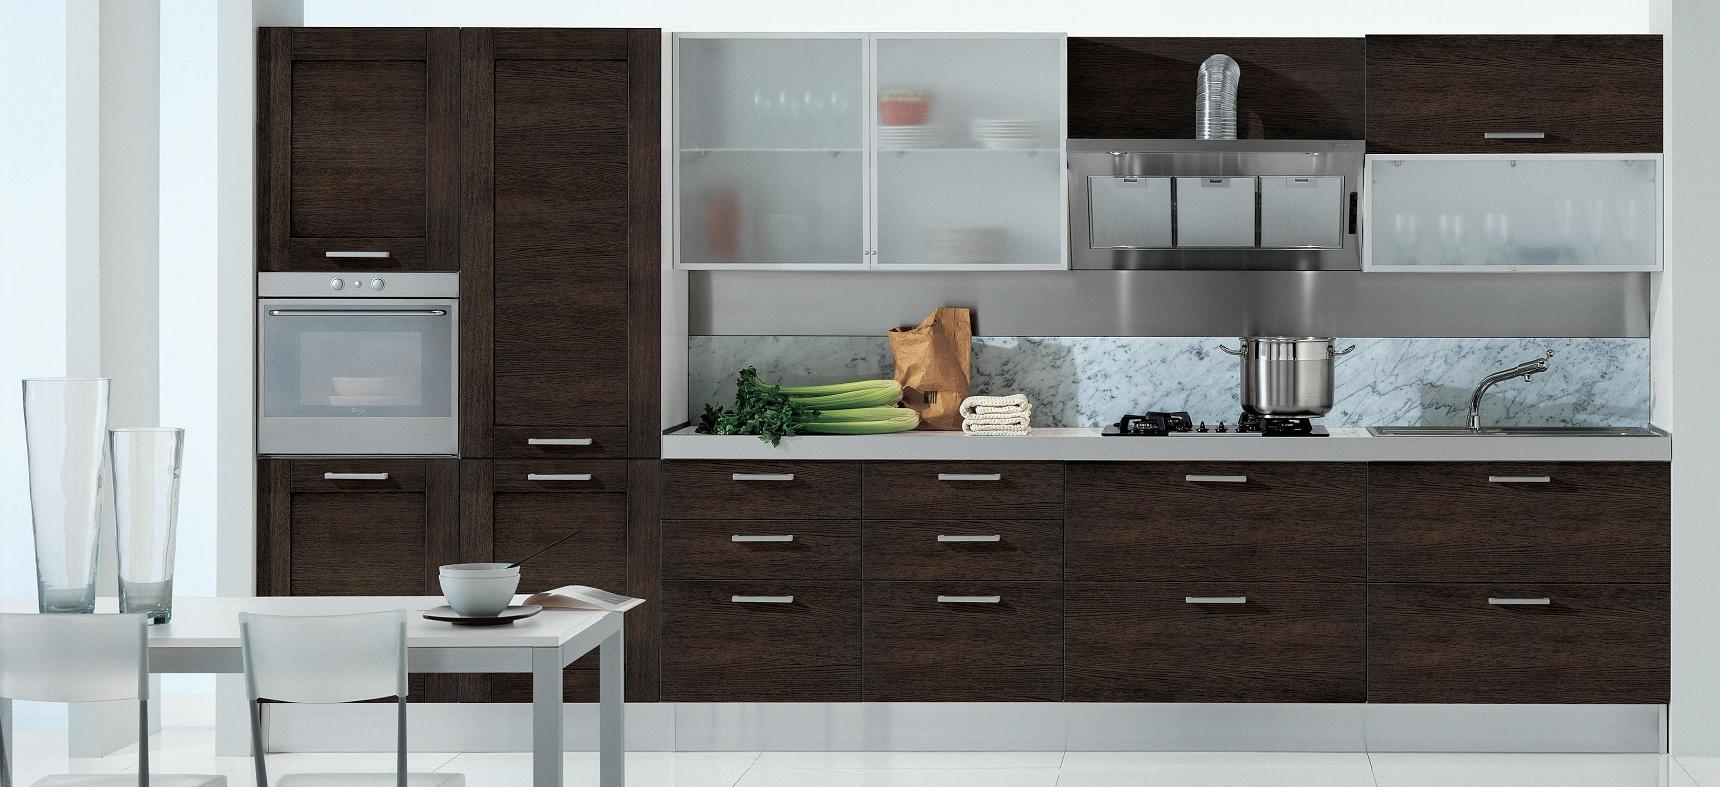 Кухня венге в интерьере (18 фото): красивые сочетания цветов и дизайн